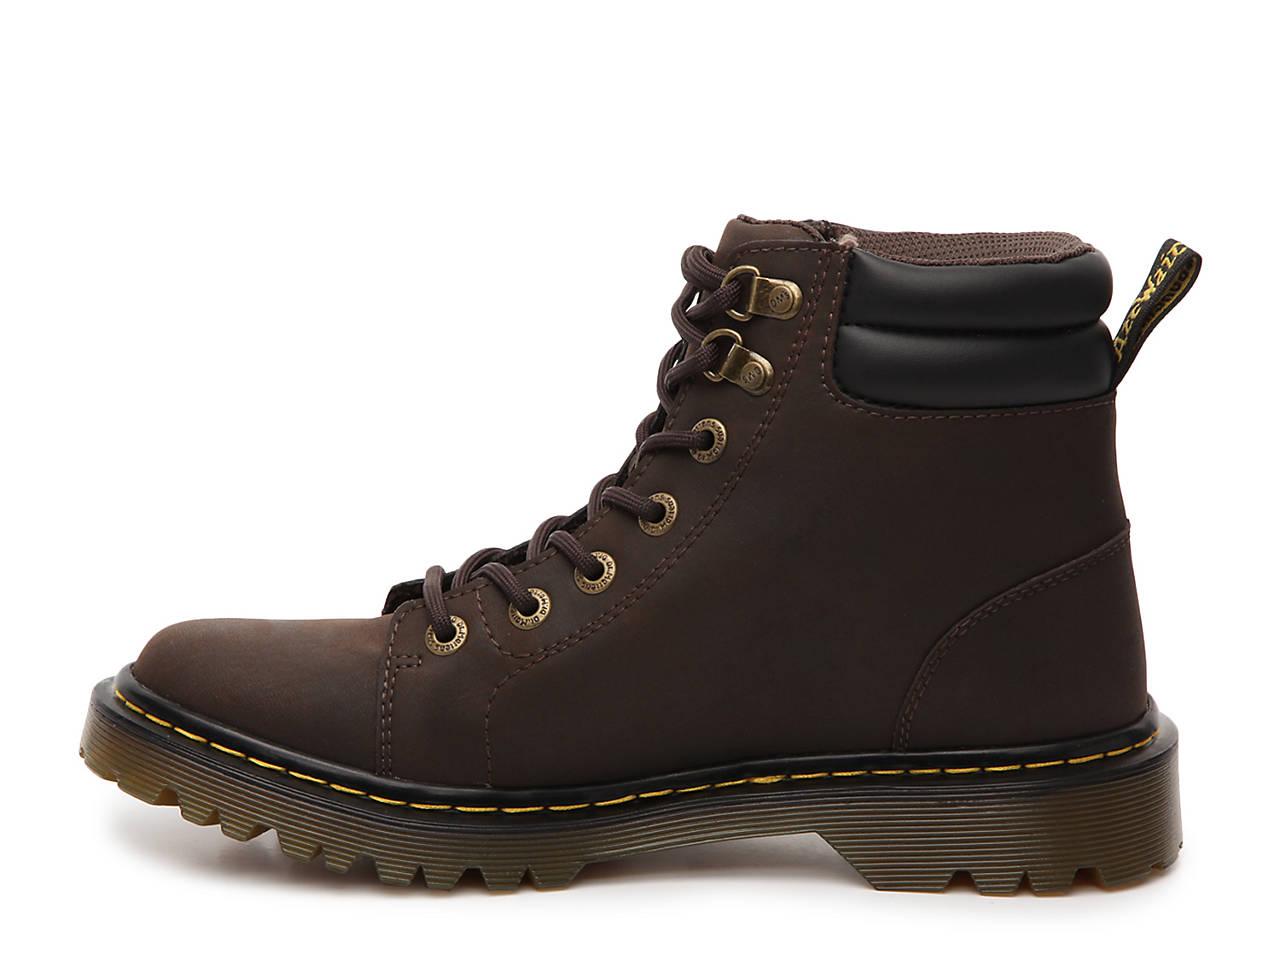 6d20b367c4c7 Dr. Martens Faora Combat Boot Women s Shoes